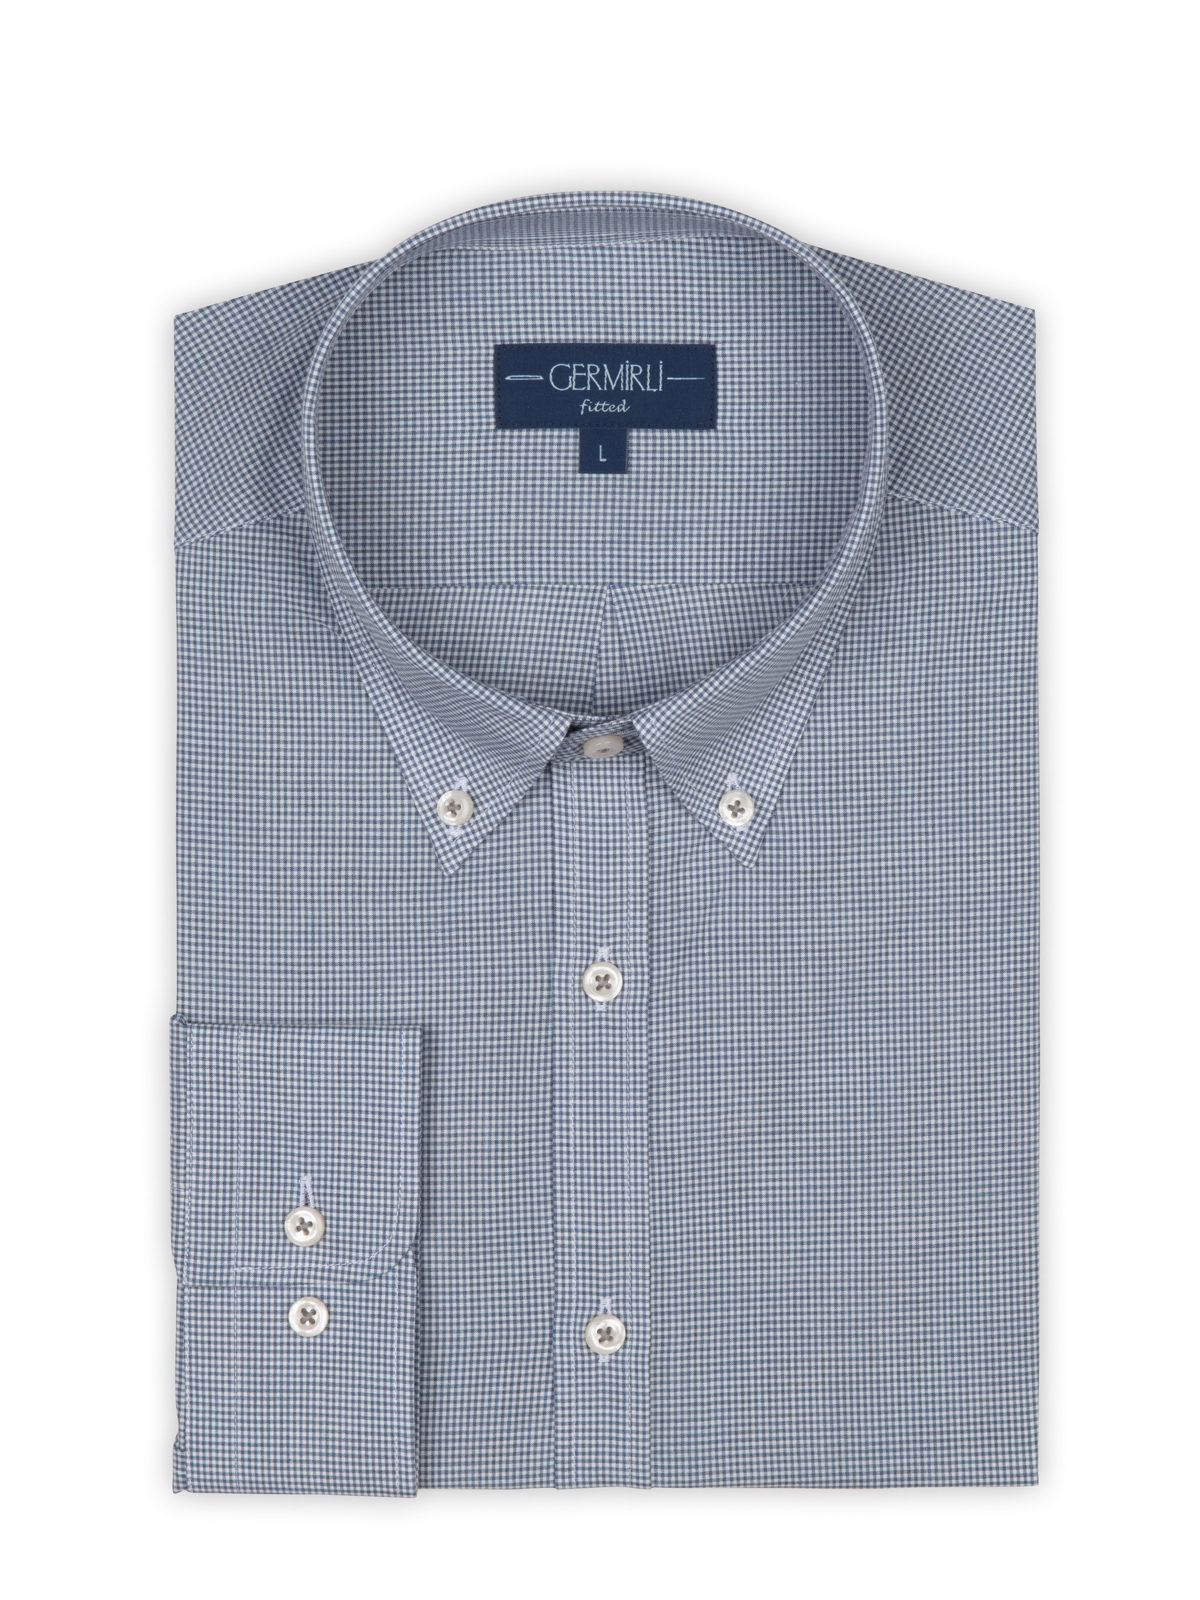 Germirli Mavi Kareli Düğmeli Yaka Tailor Fit Vual Gömlek